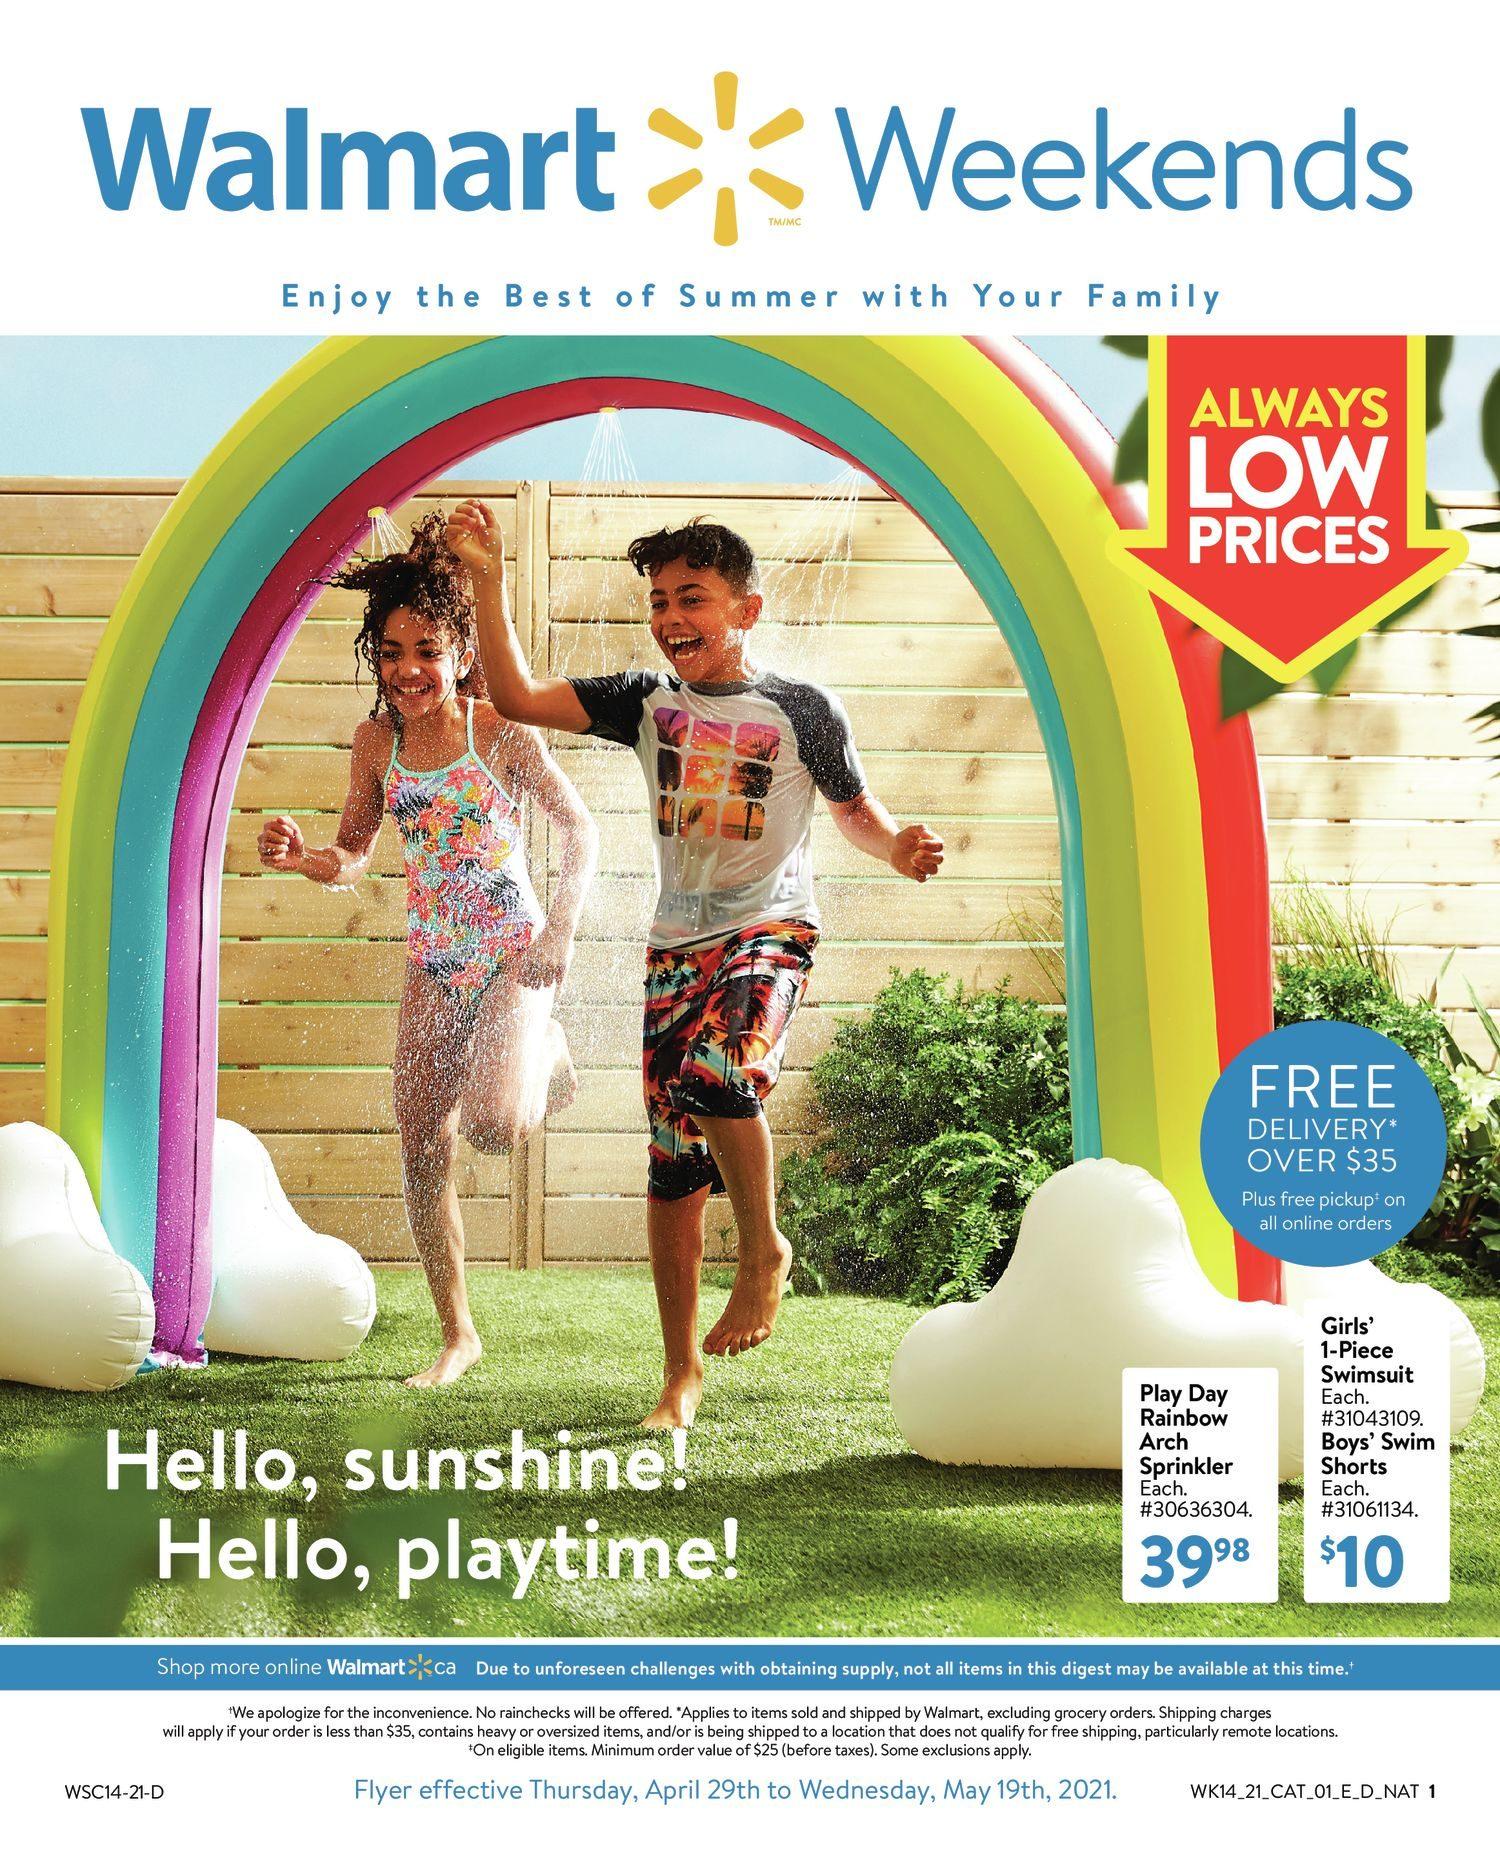 Walmart - Weekends Book